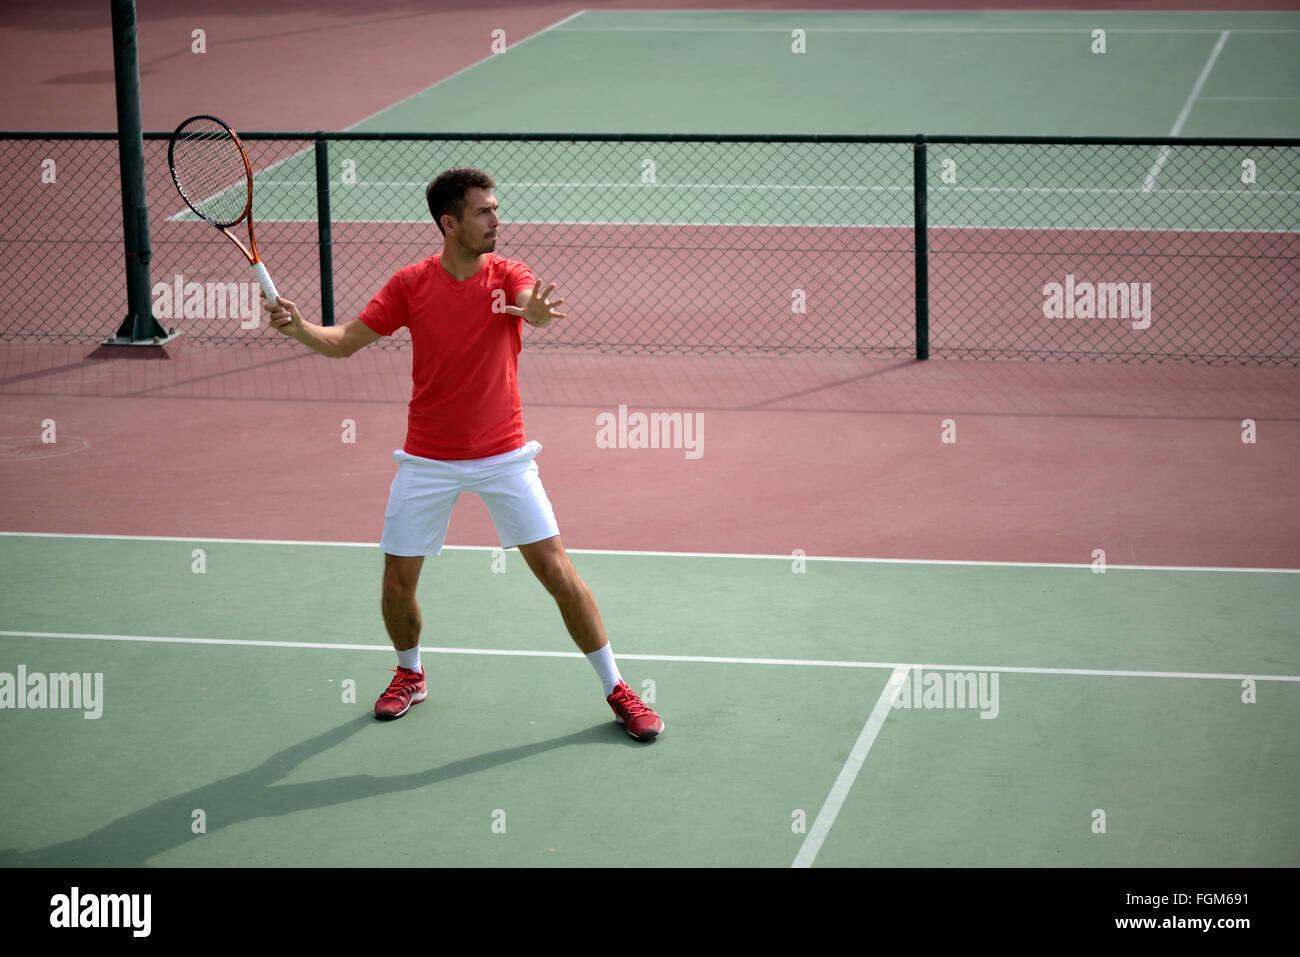 Tennista pratica nel campo da tennis a Dubai. Immagini Stock